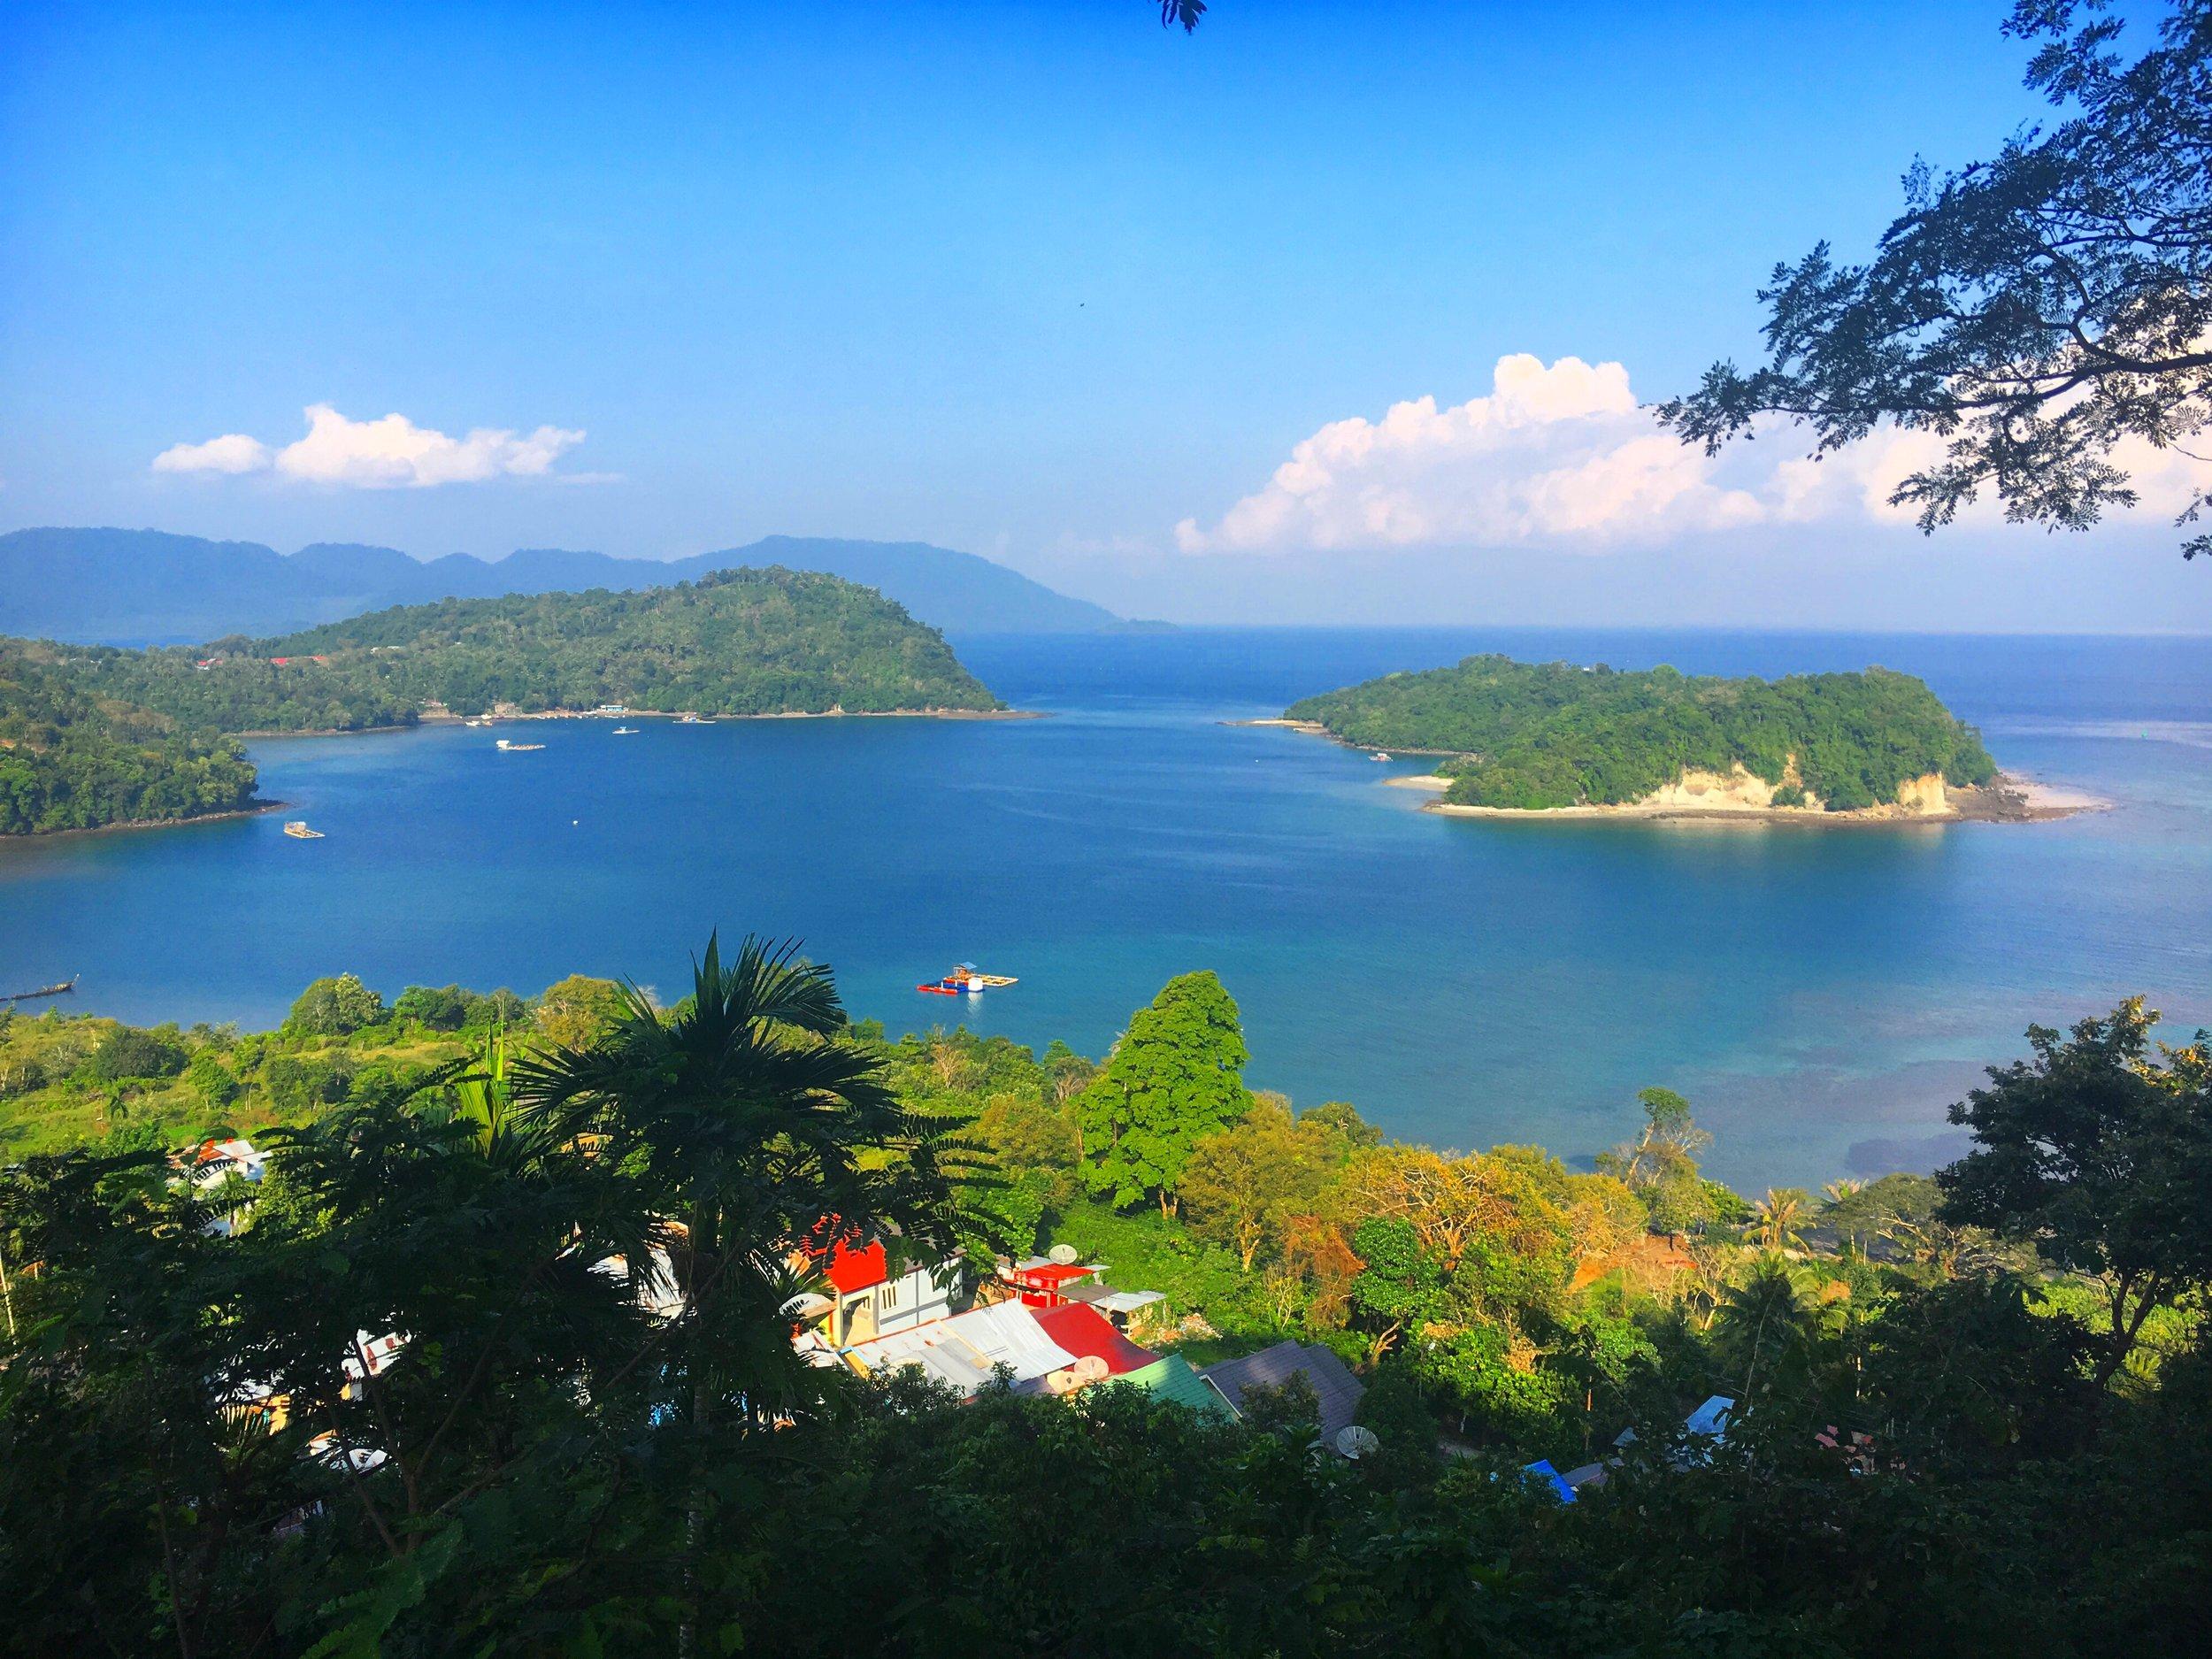 sumatra island snorklng beach www.onemorestamp.com